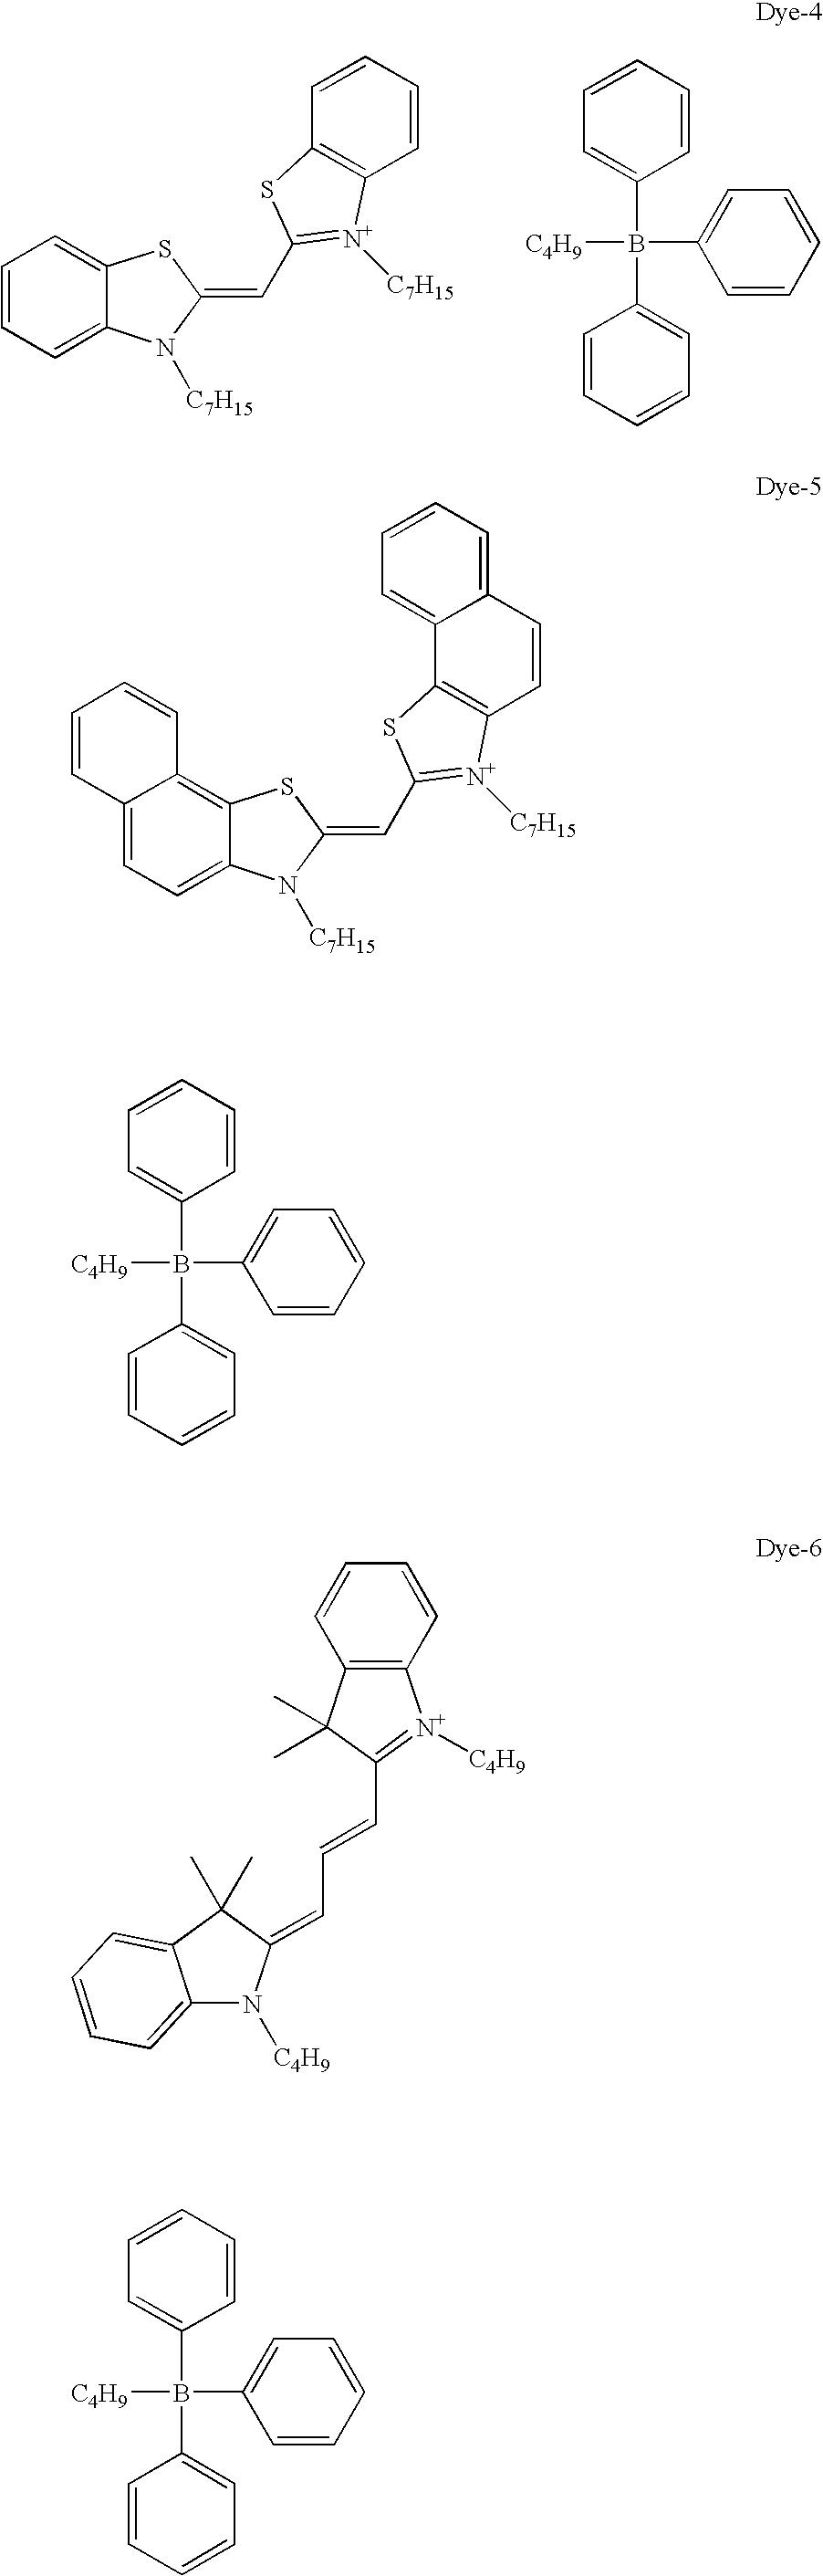 Figure US20050084790A1-20050421-C00003